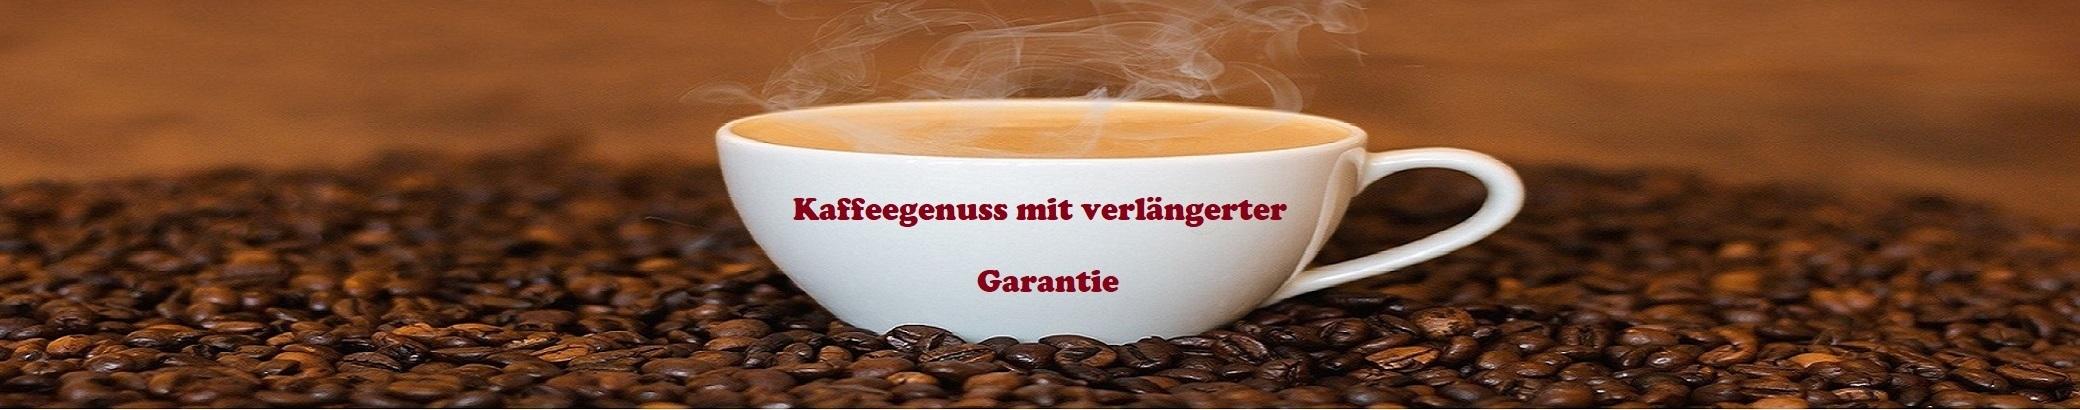 Coffee 2358388 1920 | Kamasega